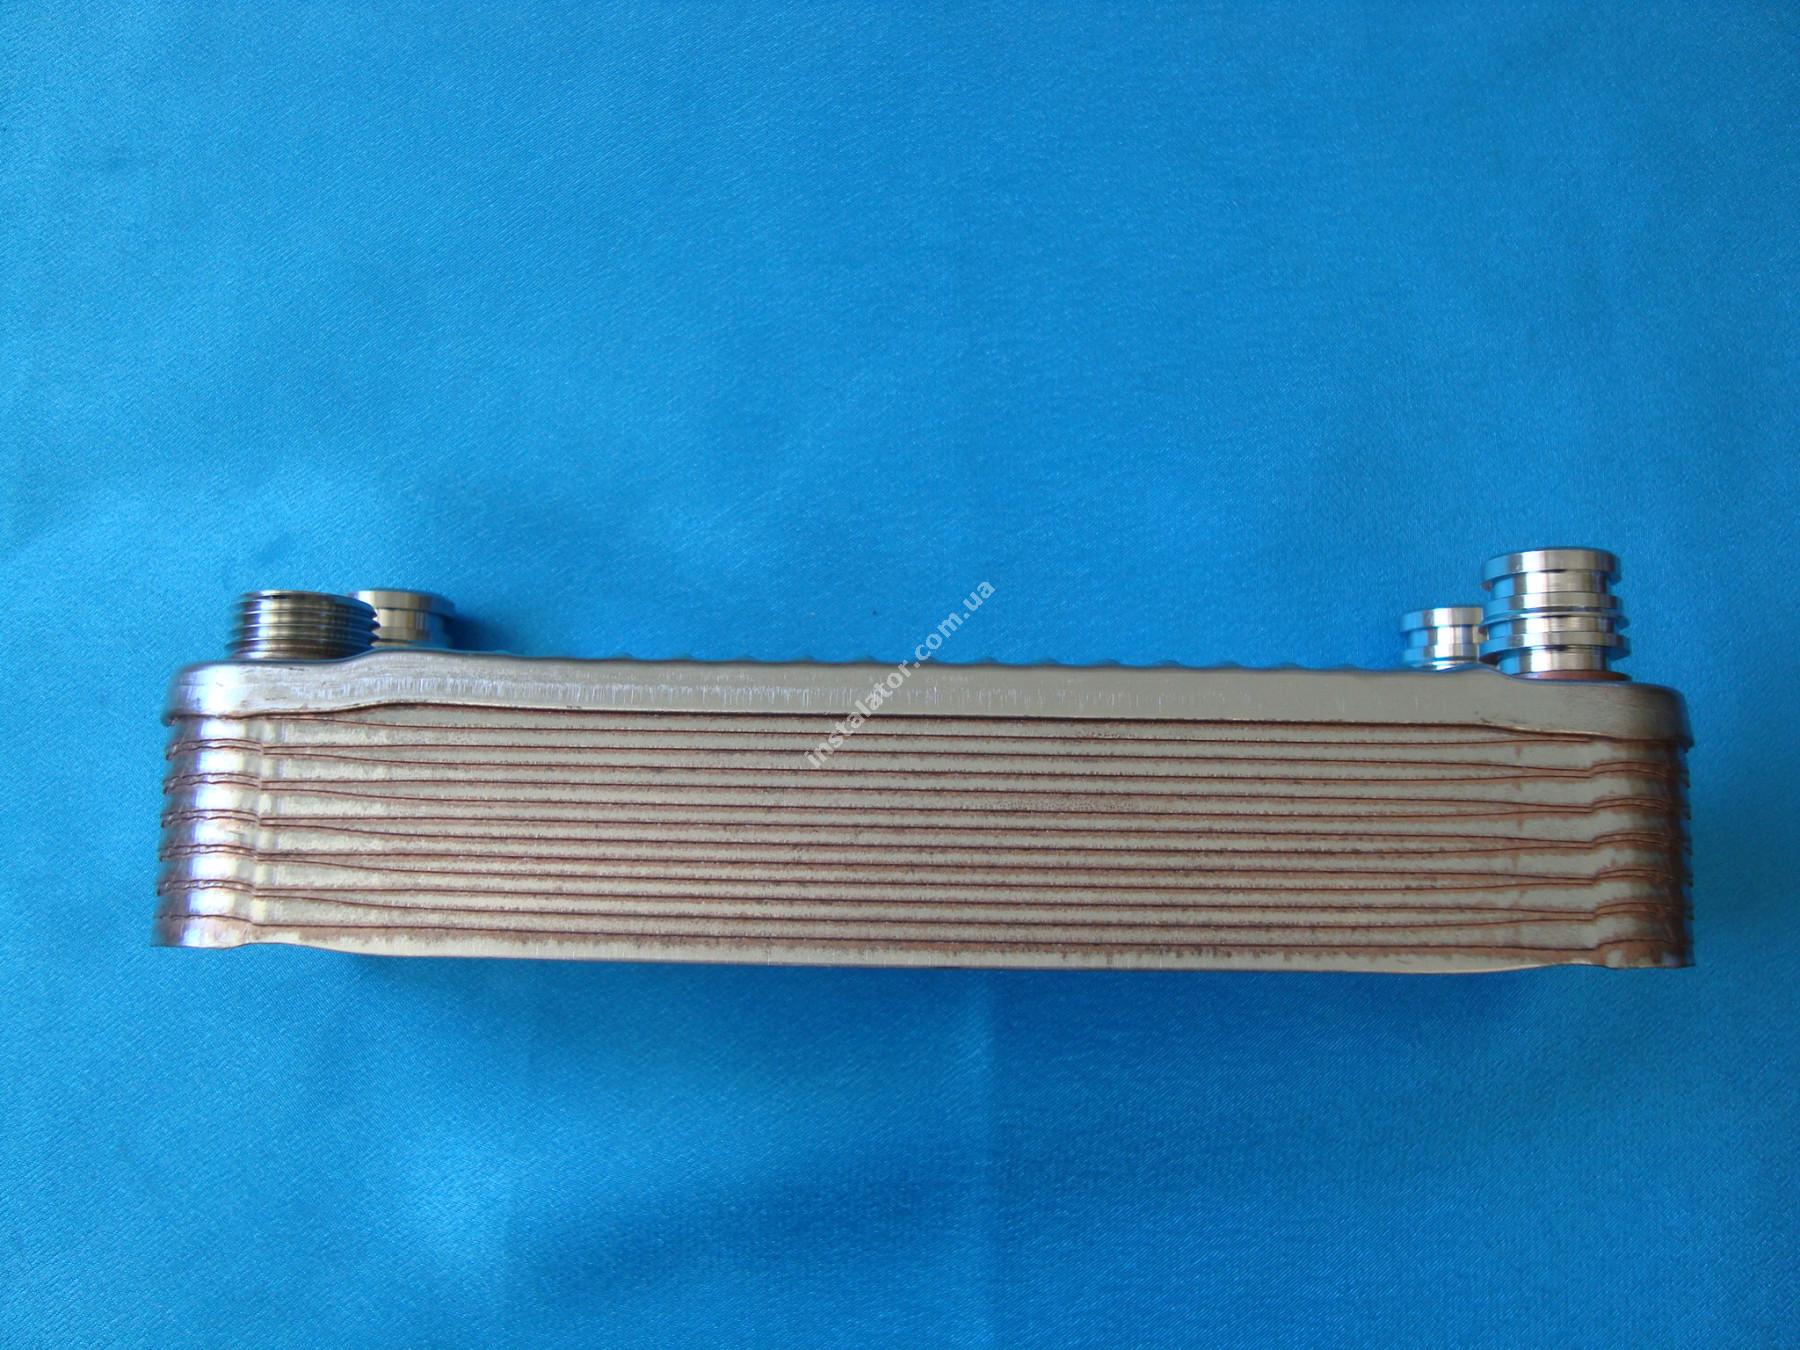 065088 (0020073794) Теплообмінник вторинний  Vaillant TURBOmax, ATMOmax  Plus full-image-0